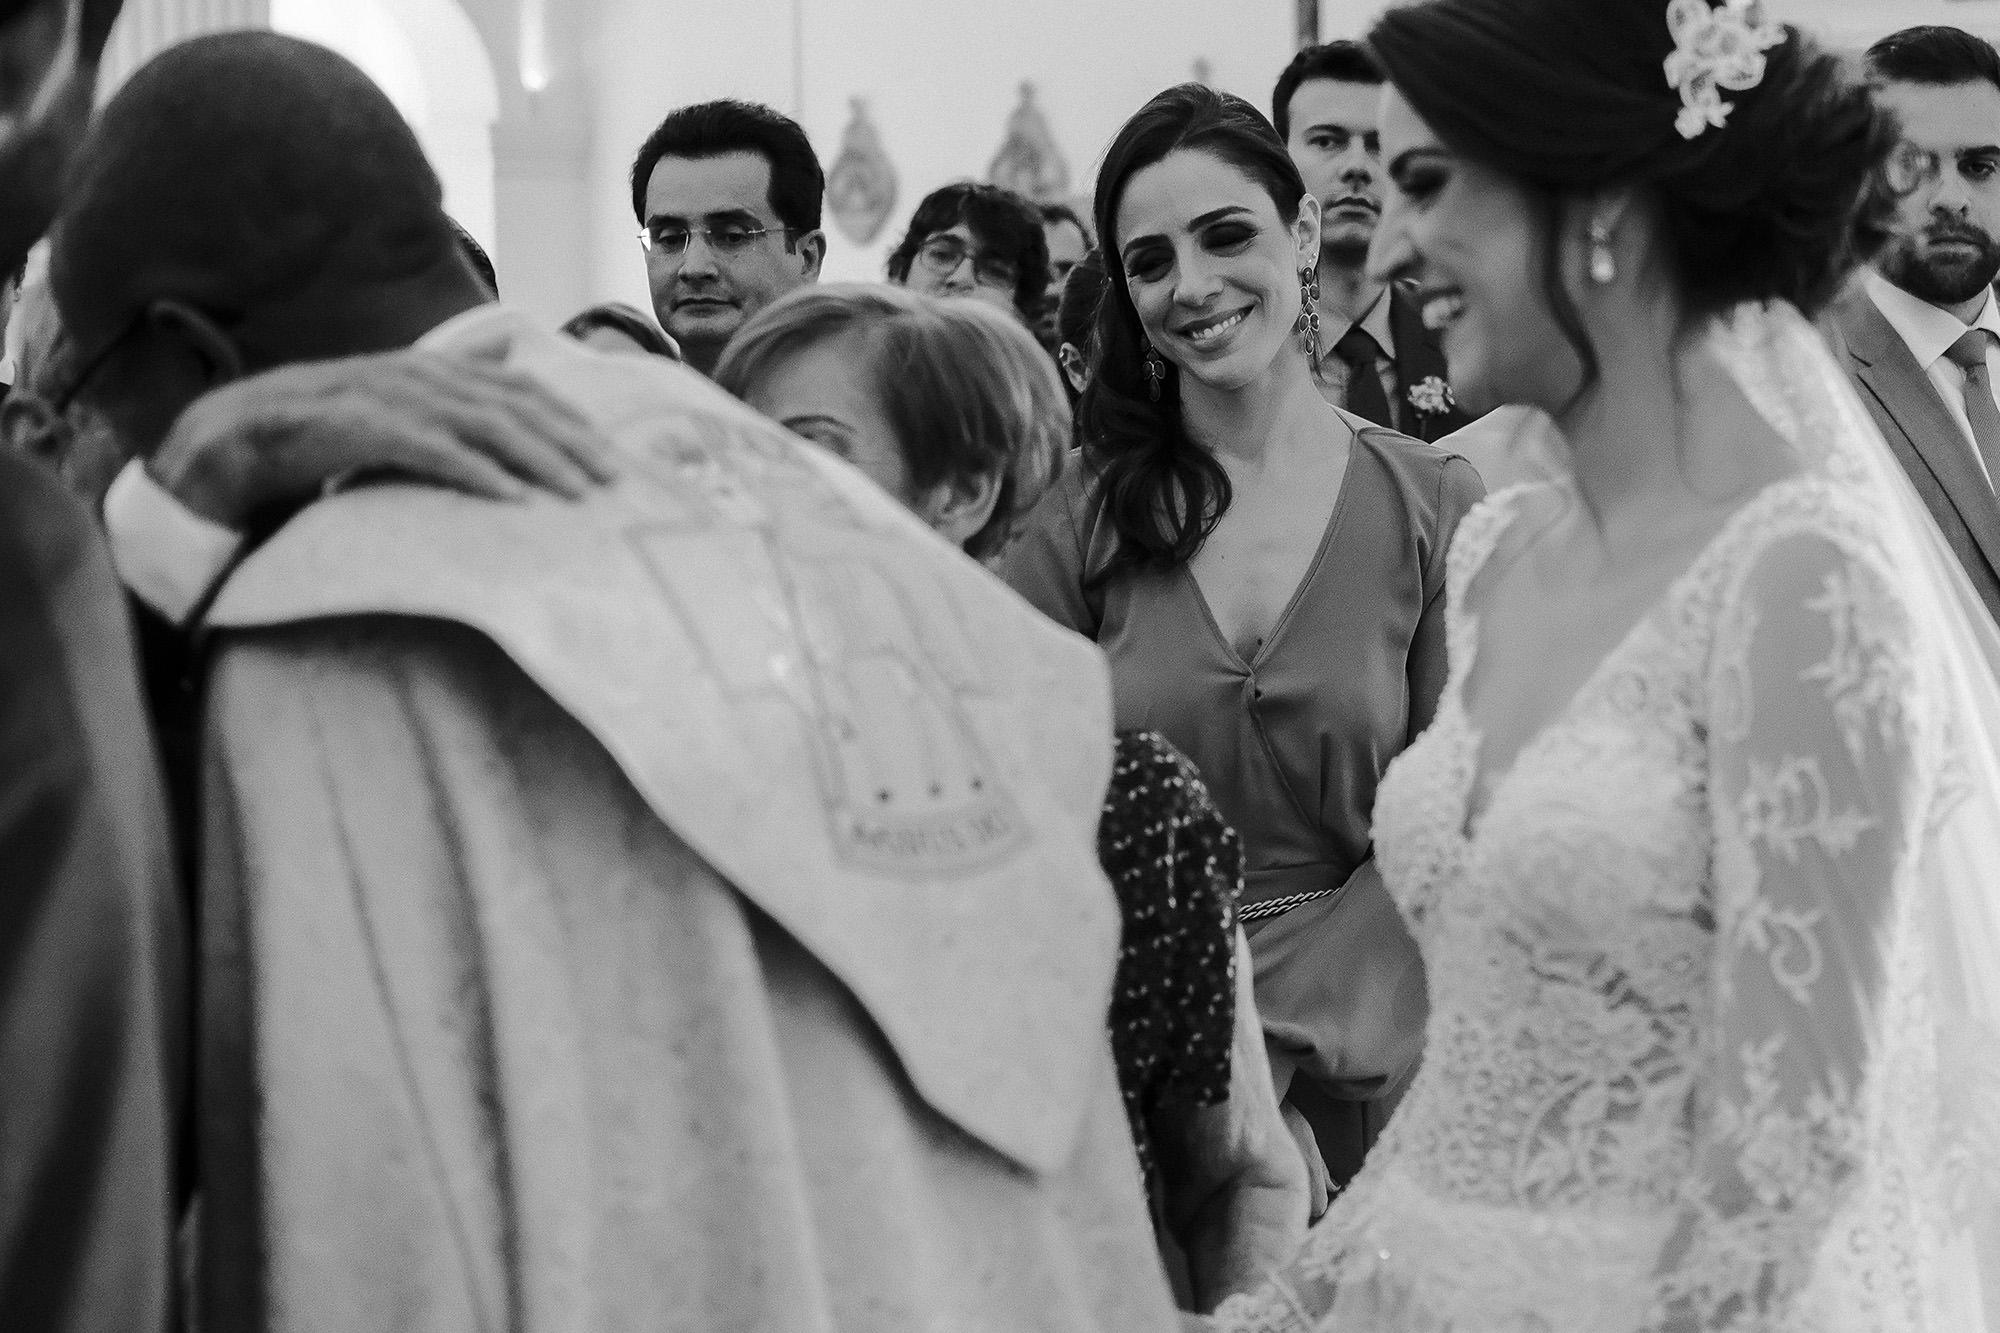 Mirian e Rafael - 2 Rios Memórias - #2riosmemorias - 028.jpg